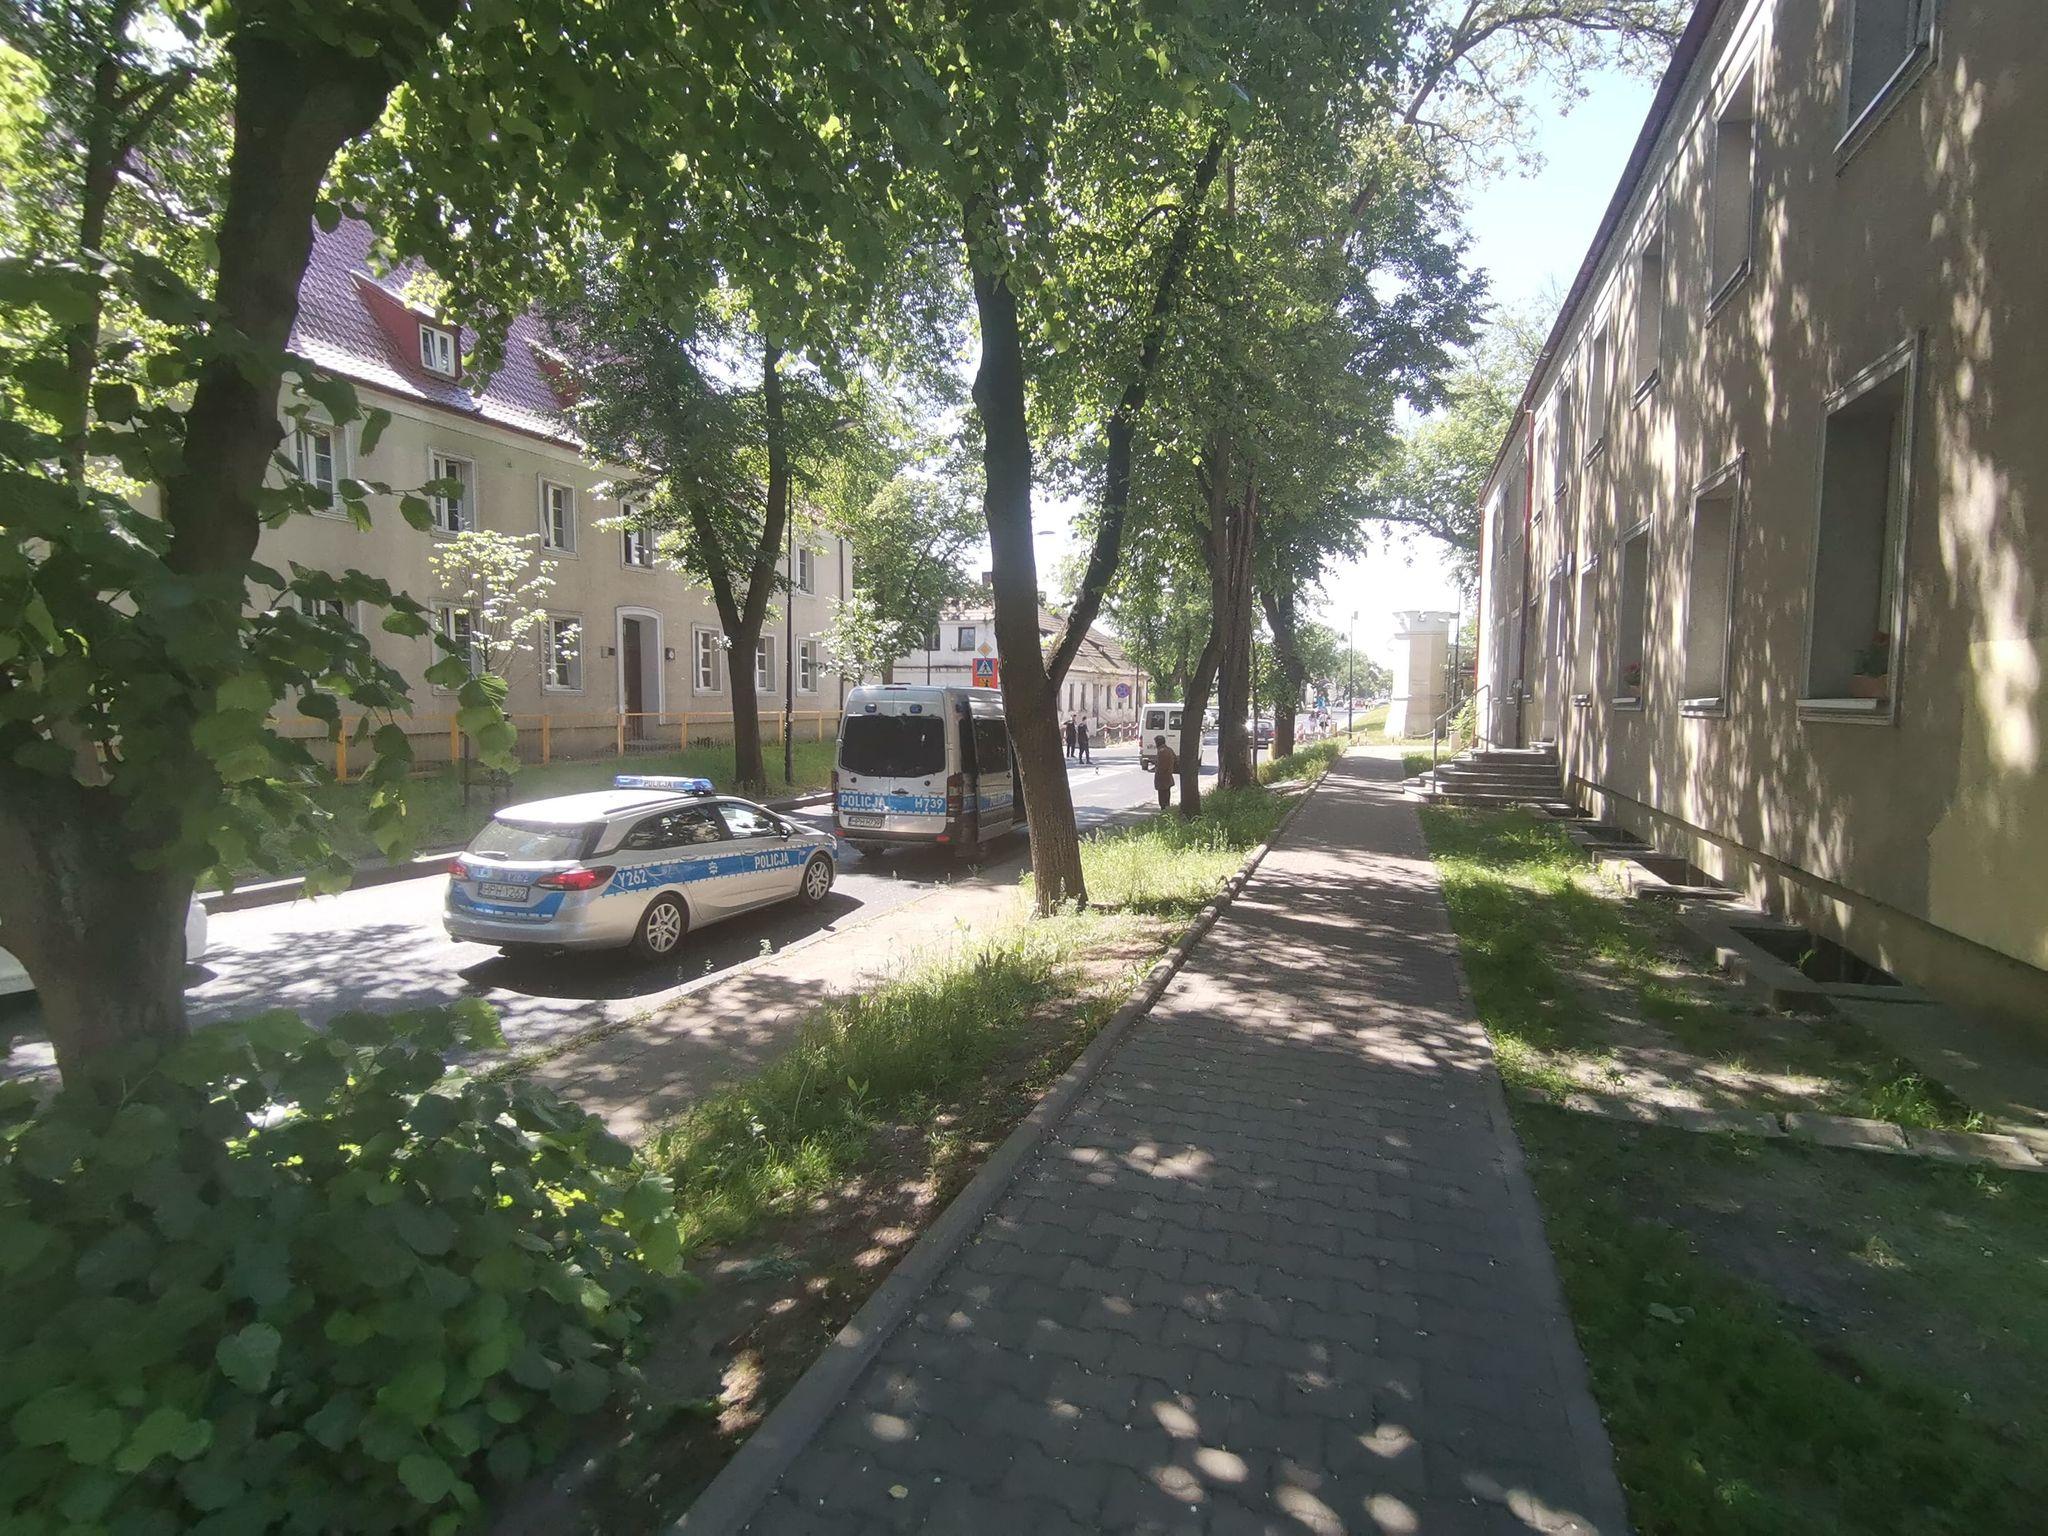 Potrącenie pieszej w centrum miasta. Są utrudnienia w ruchu  - Zdjęcie główne